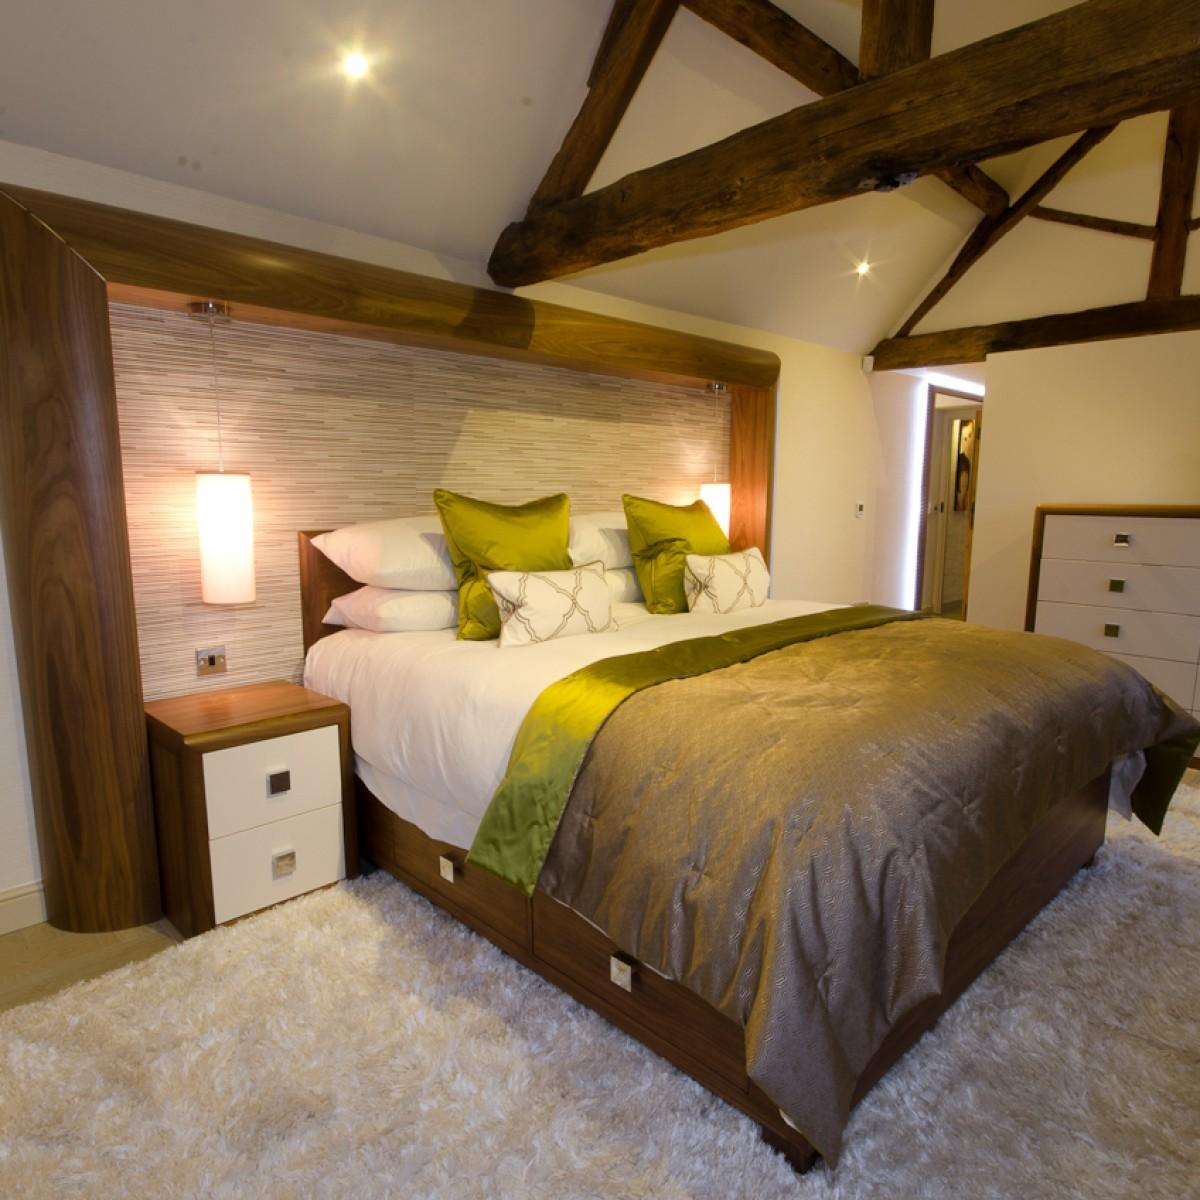 Contemporary bedroom barn design